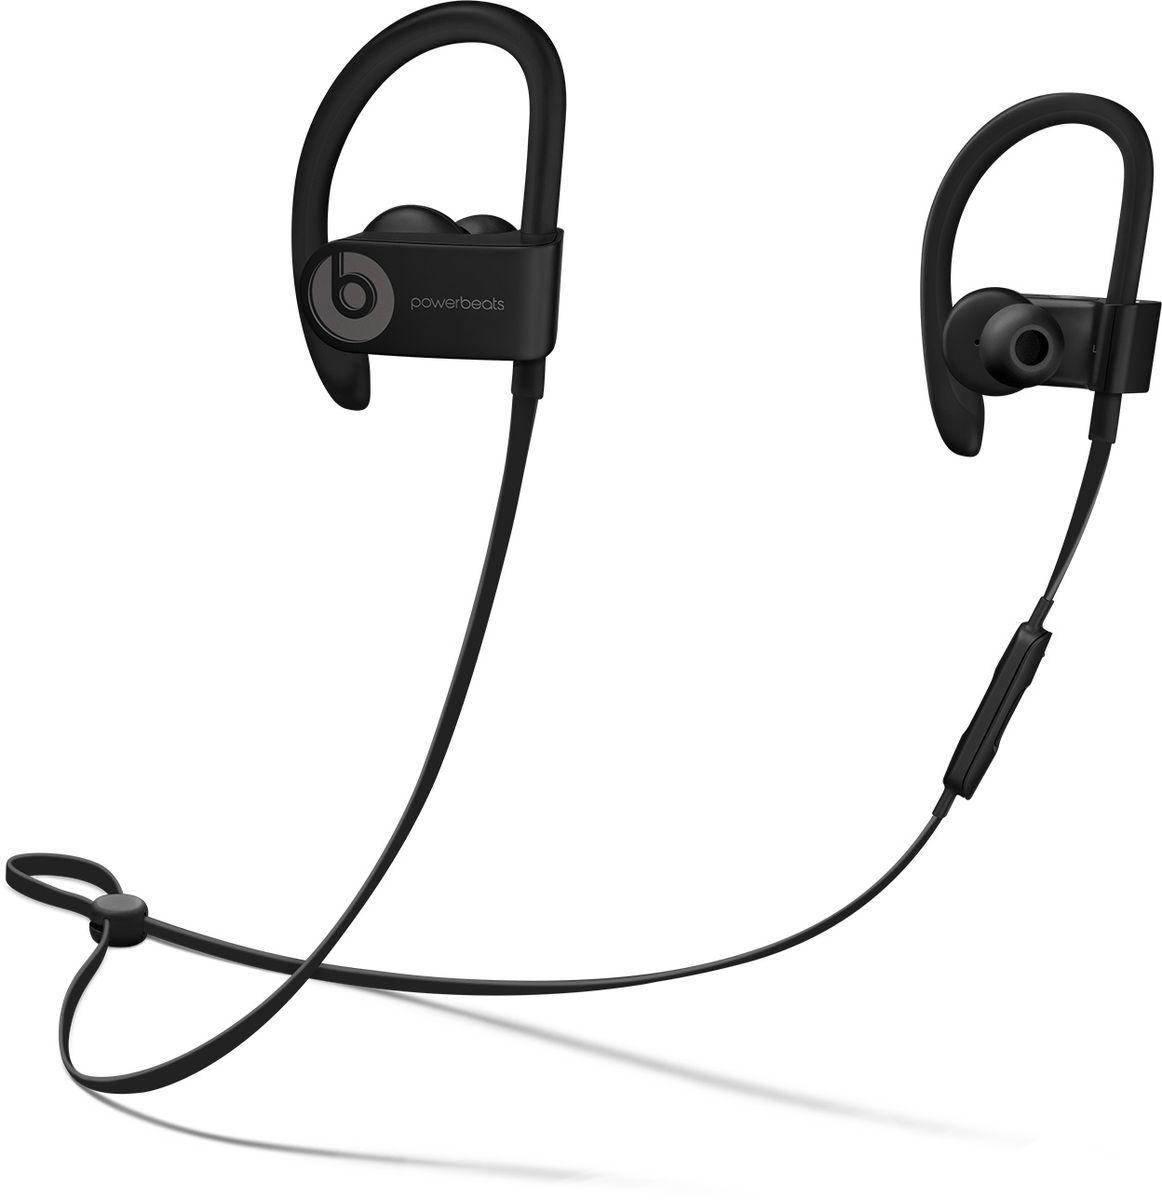 Beats Powerbeats 3 Wireless, Black наушникиML8V2ZE/AБеспроводные наушники Powerbeats 3 Wireless работают до 12 часов от аккумулятора - они готовы к любым нагрузкам. С ними вы заряжены на длительные интенсивные тренировки. Их мощный звук даст вам силы и энергию двигаться только вперед. Apple и Beats переворачивают наше представление о музыке с новой технологией Apple W1. Оснащенные встроенным чипом W1 наушники Powerbeats 3 легко подключаются к любому устройству Apple, дольше работают без аккумулятора и заряжаются всего за 5 минут благодаря технологии Fast Fuel. С функцией Fast Fuel вы сможете тренироваться ещё дольше и тратить меньше времени на зарядку. 5-минутной подзарядки будет достаточно для того, чтобы тренироваться под музыку ещё целый час. Тренируйтесь с максимальной отдачей в любую погоду - эти наушники с защитой от влаги и пота зарядят вас энергией для новых достижений. Прокачайте свой плейлист. Система с двумя акустическими головками создает широкий диапазон звука с ...